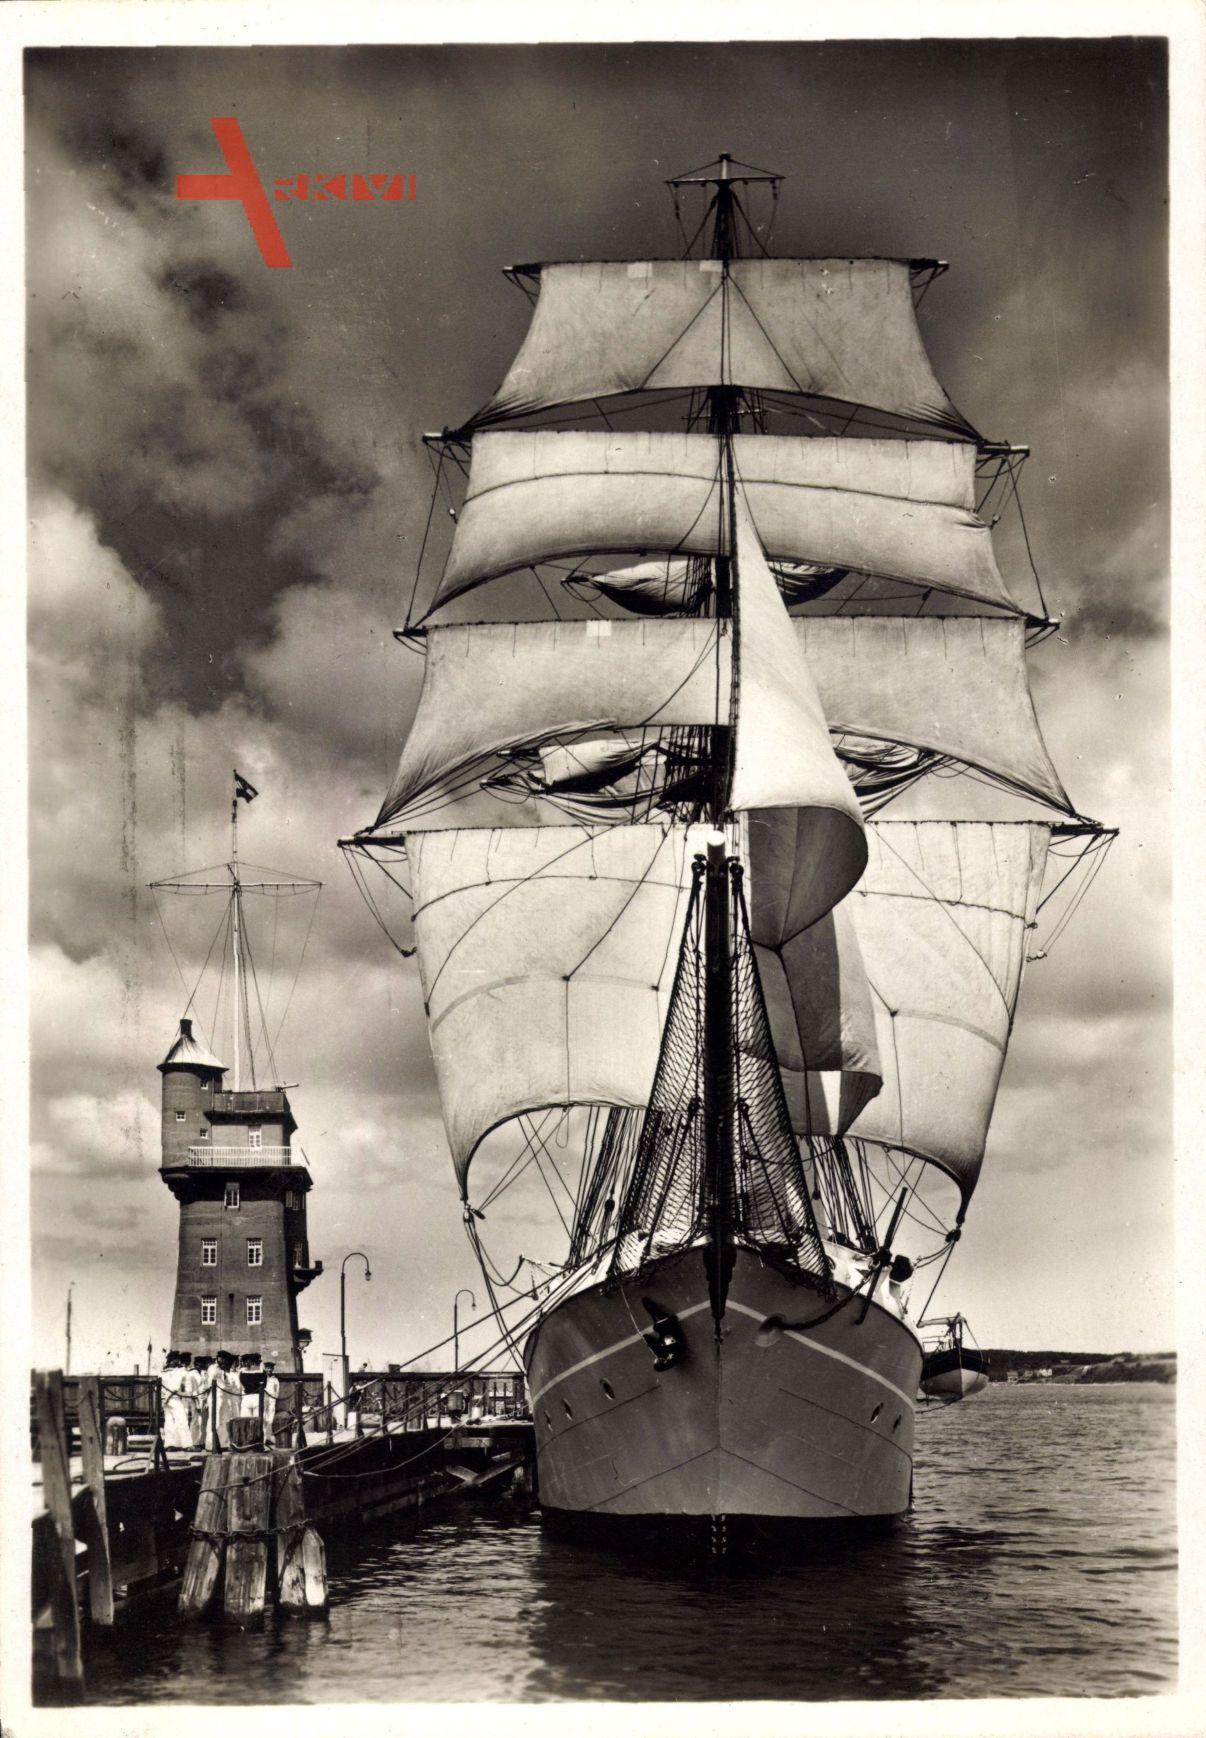 Kiel, Schulschiff Niobe macht seeklar, Segelschiff im Hafen, Seeleute